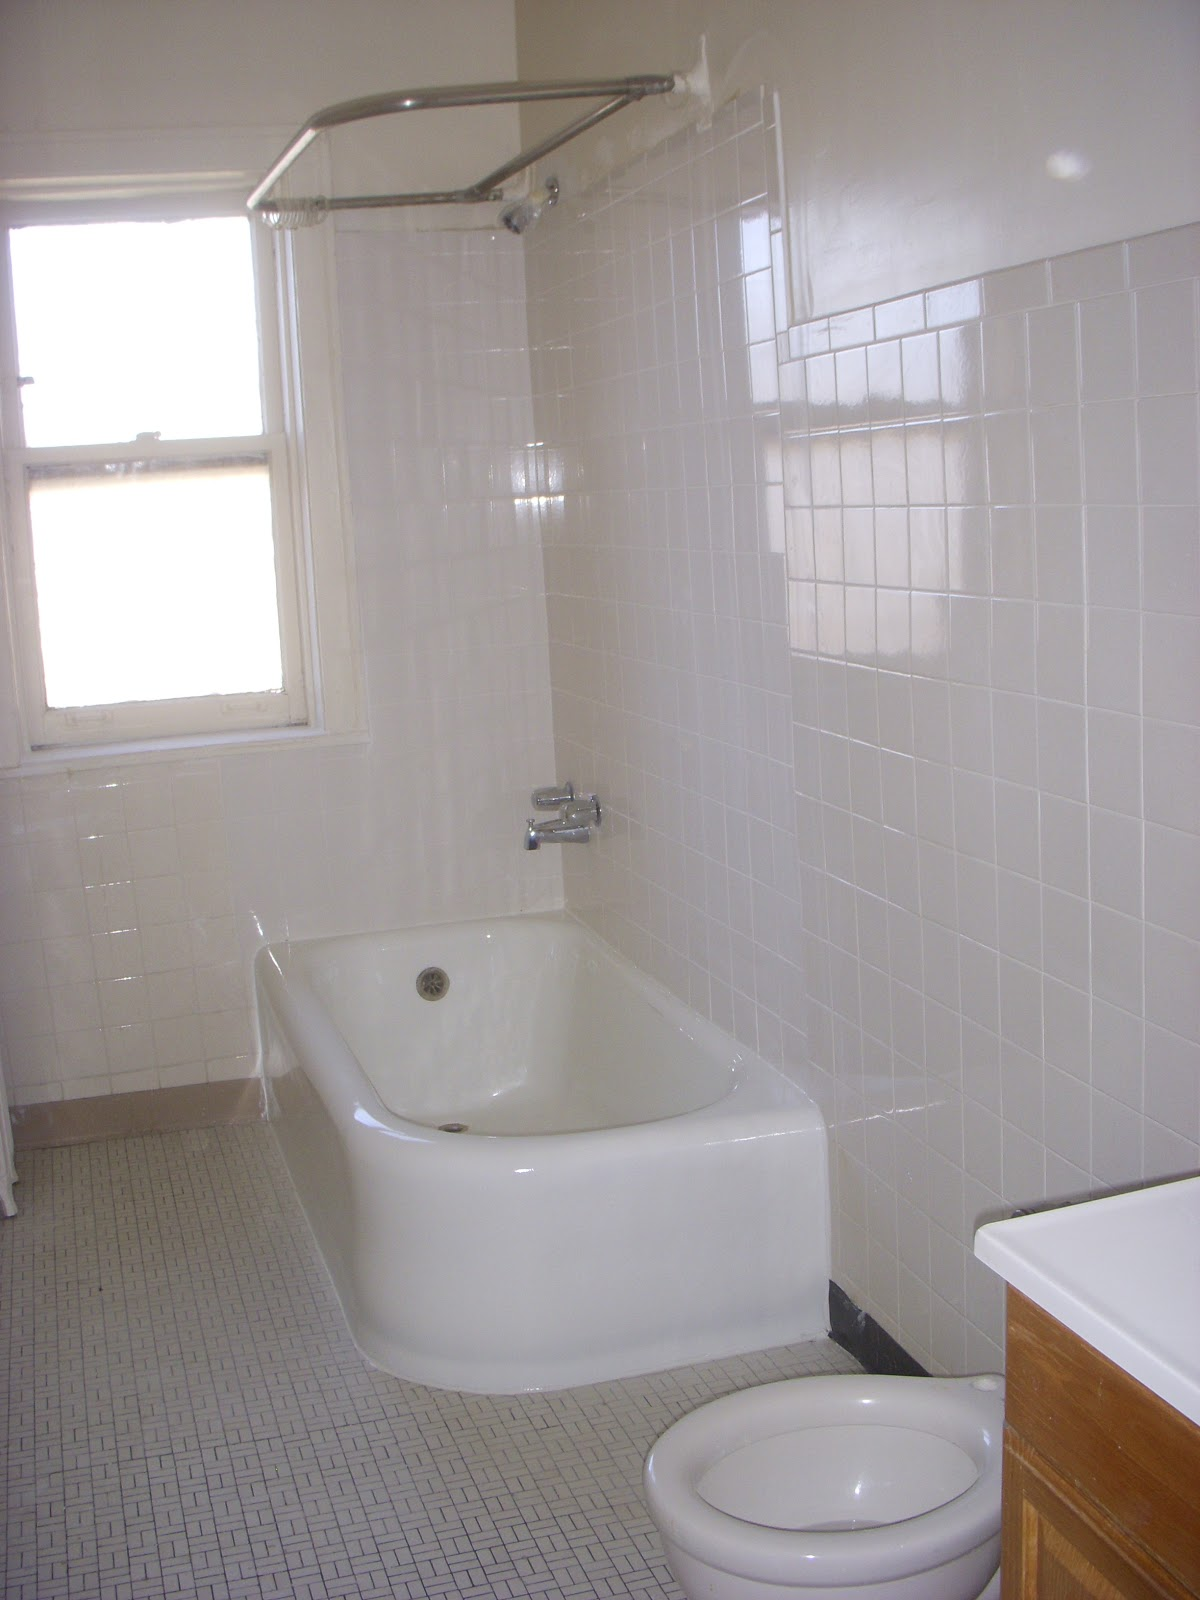 Esquilo Adaptado De mudança -> Banheiro Com Chuveiro Na Banheira